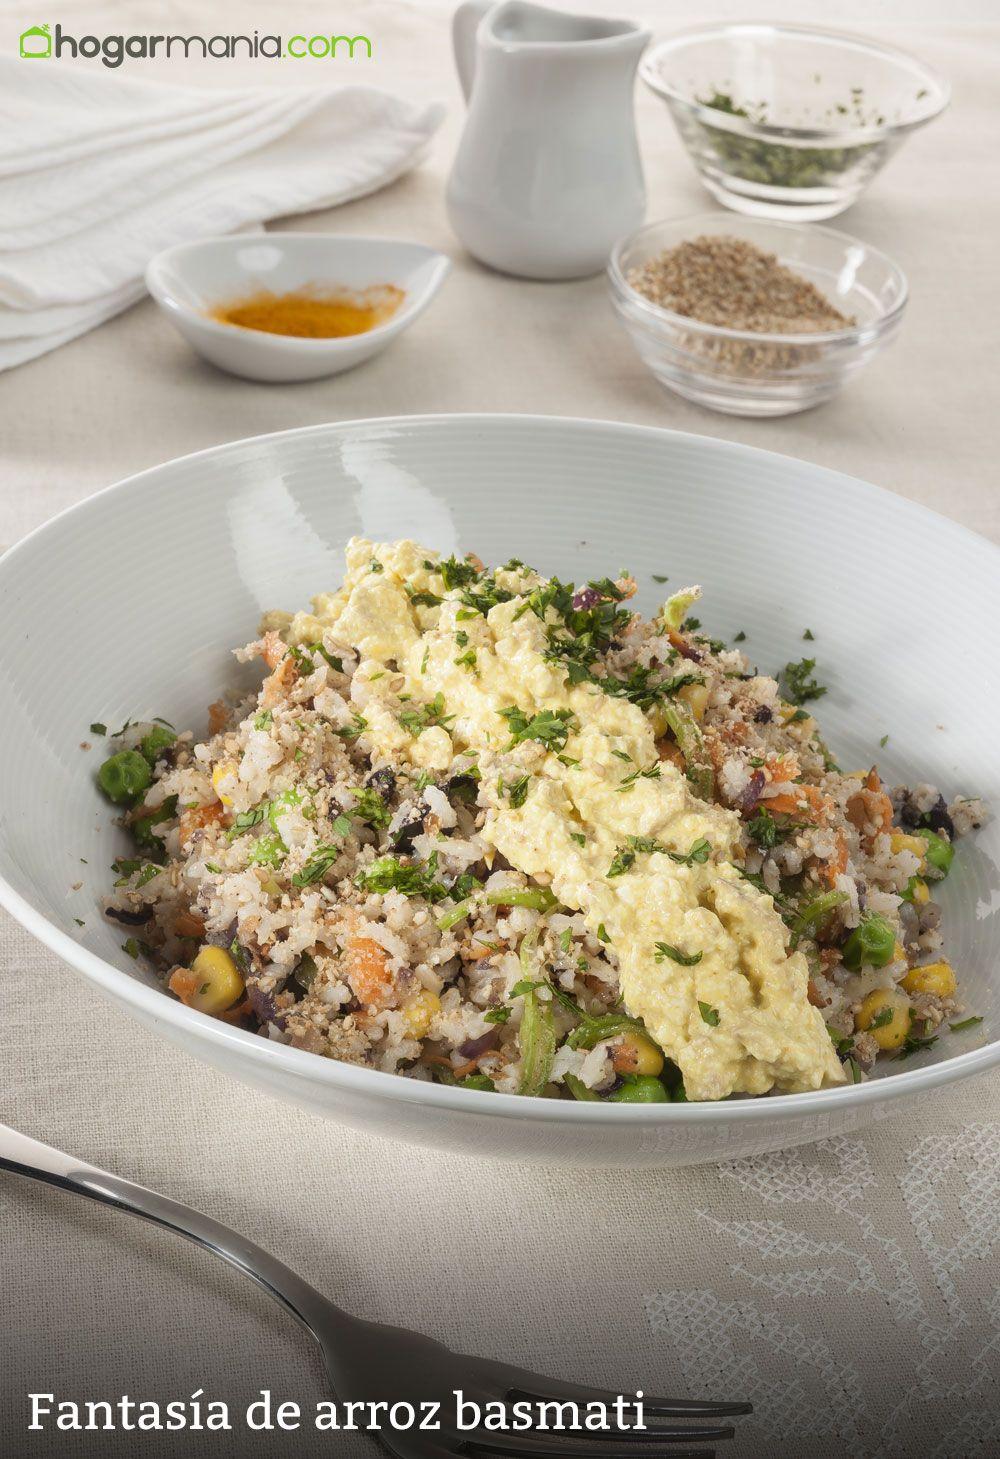 Fantasía de arroz basmati